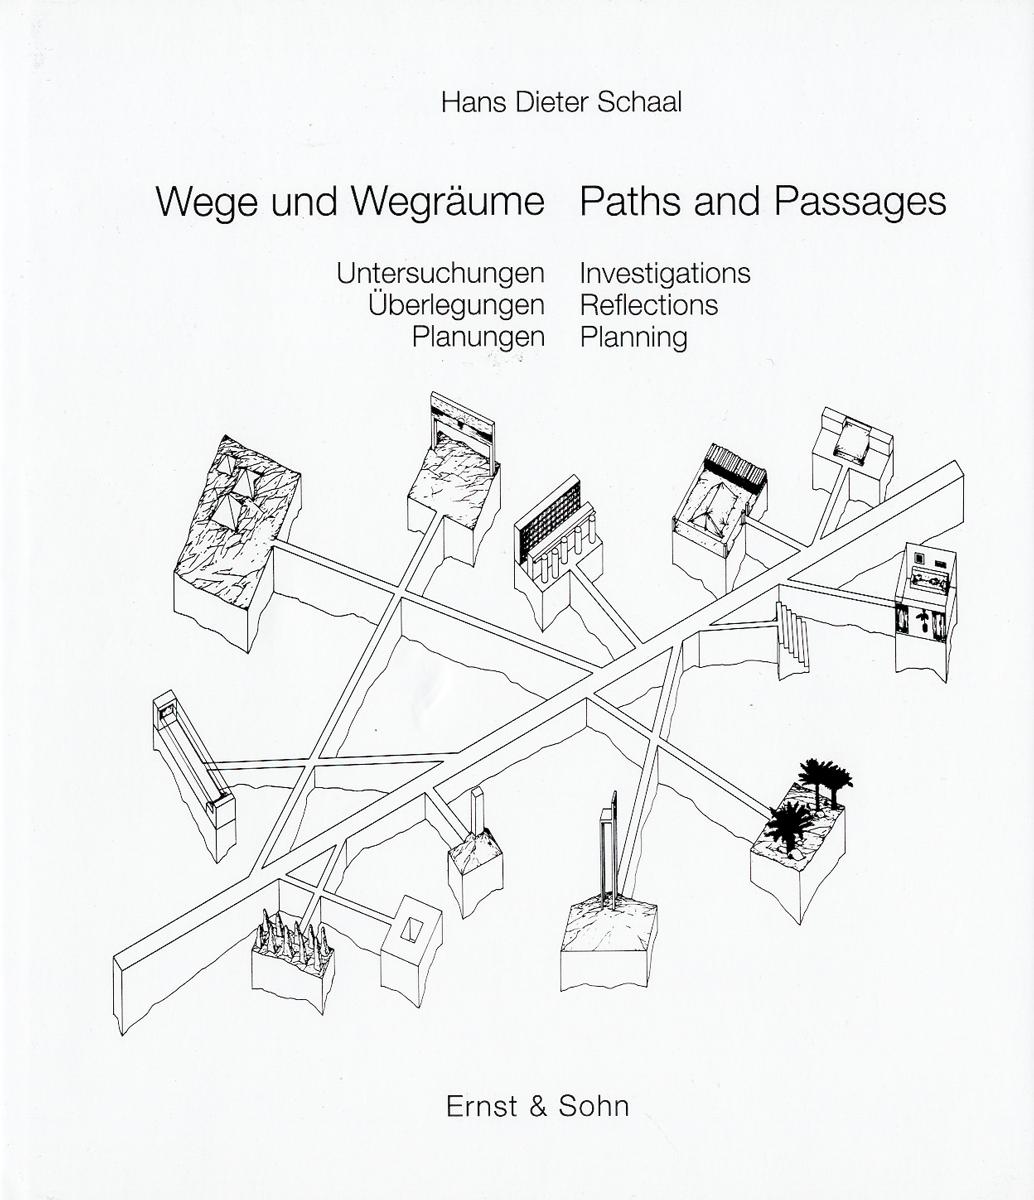 Wege und Wegräume – Paths and Passages